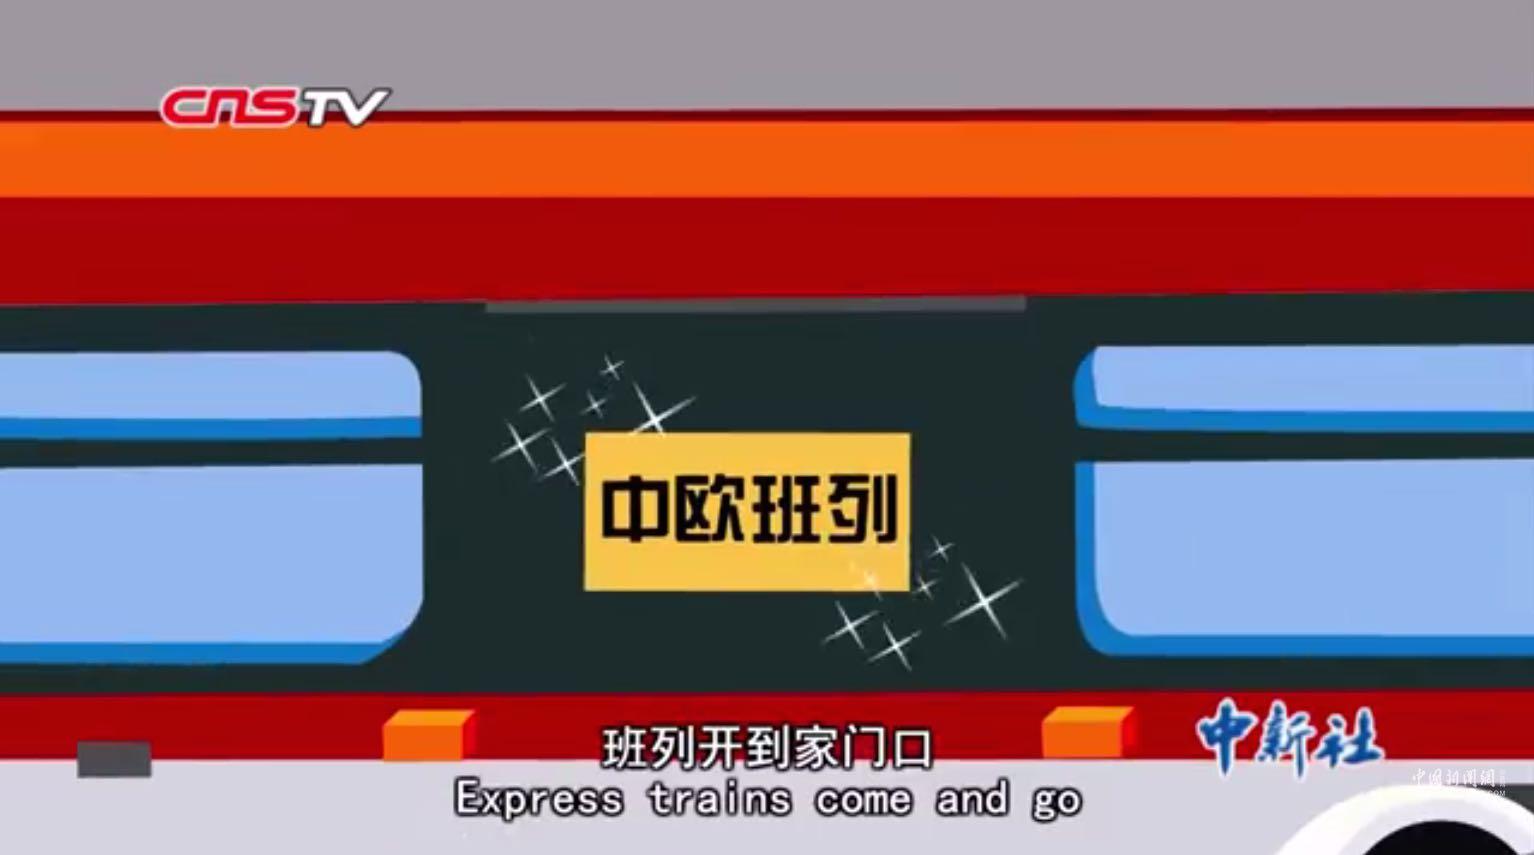 """【大撒币】外交政策:""""一带一路""""僵尸高铁 边亏损边扩张"""